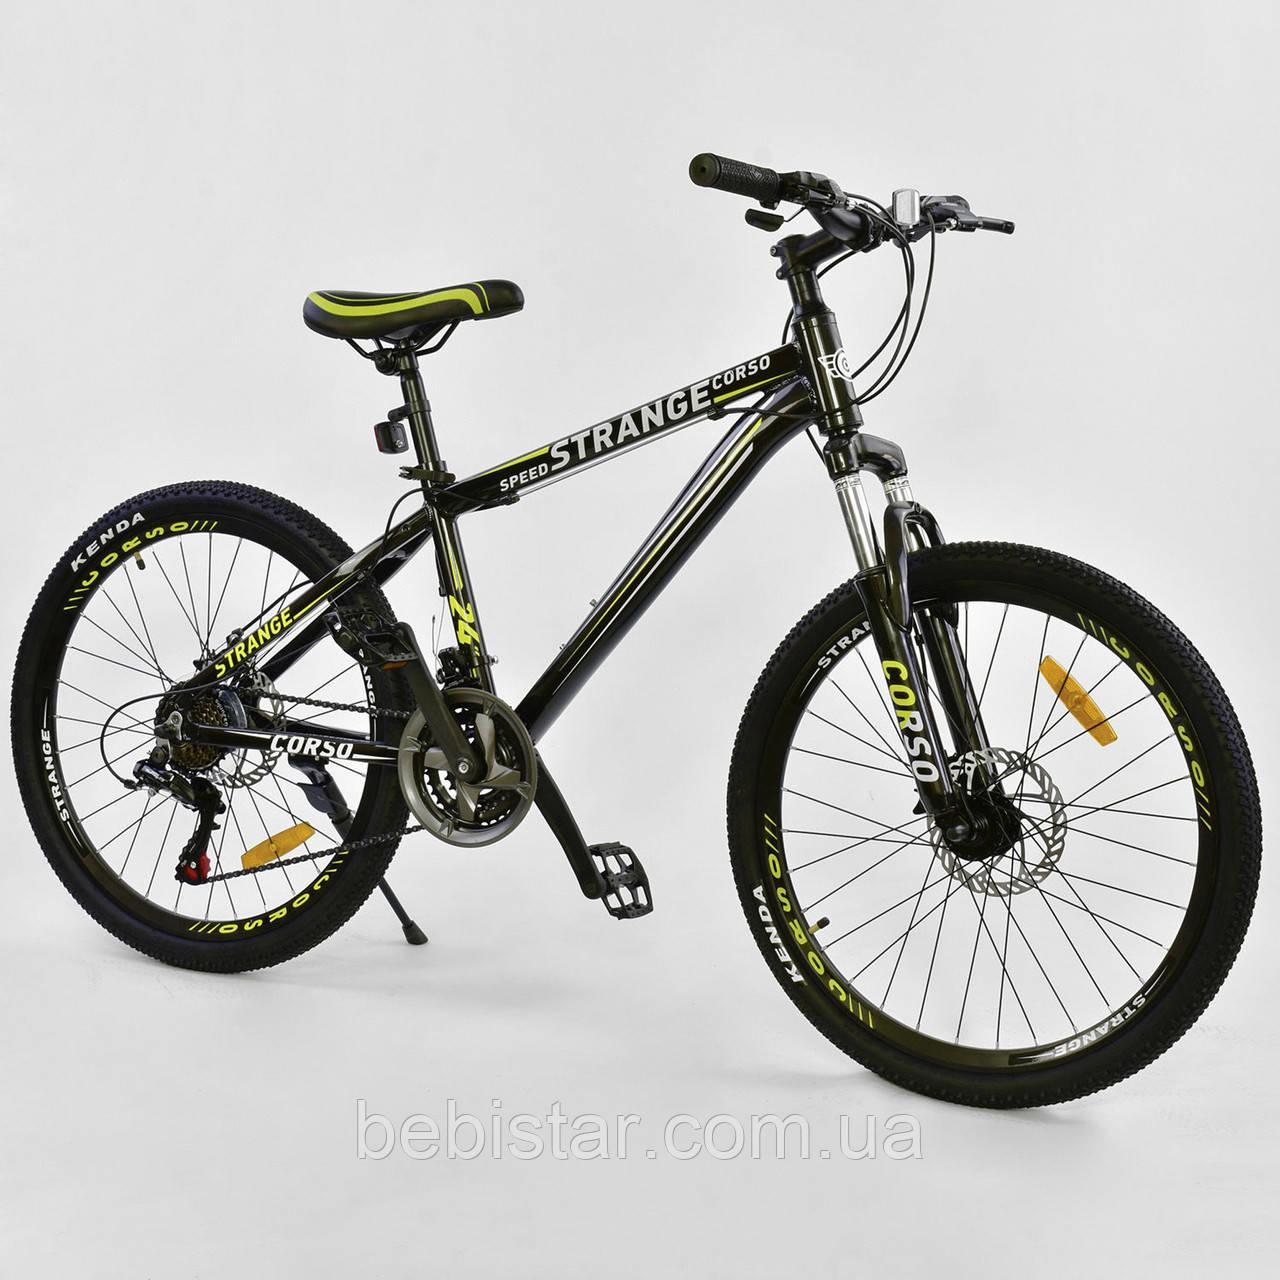 Спортивный велосипед черный CORSO Strange 24 дюймов 21 скорость алюминиевая рама детям от 8 лет